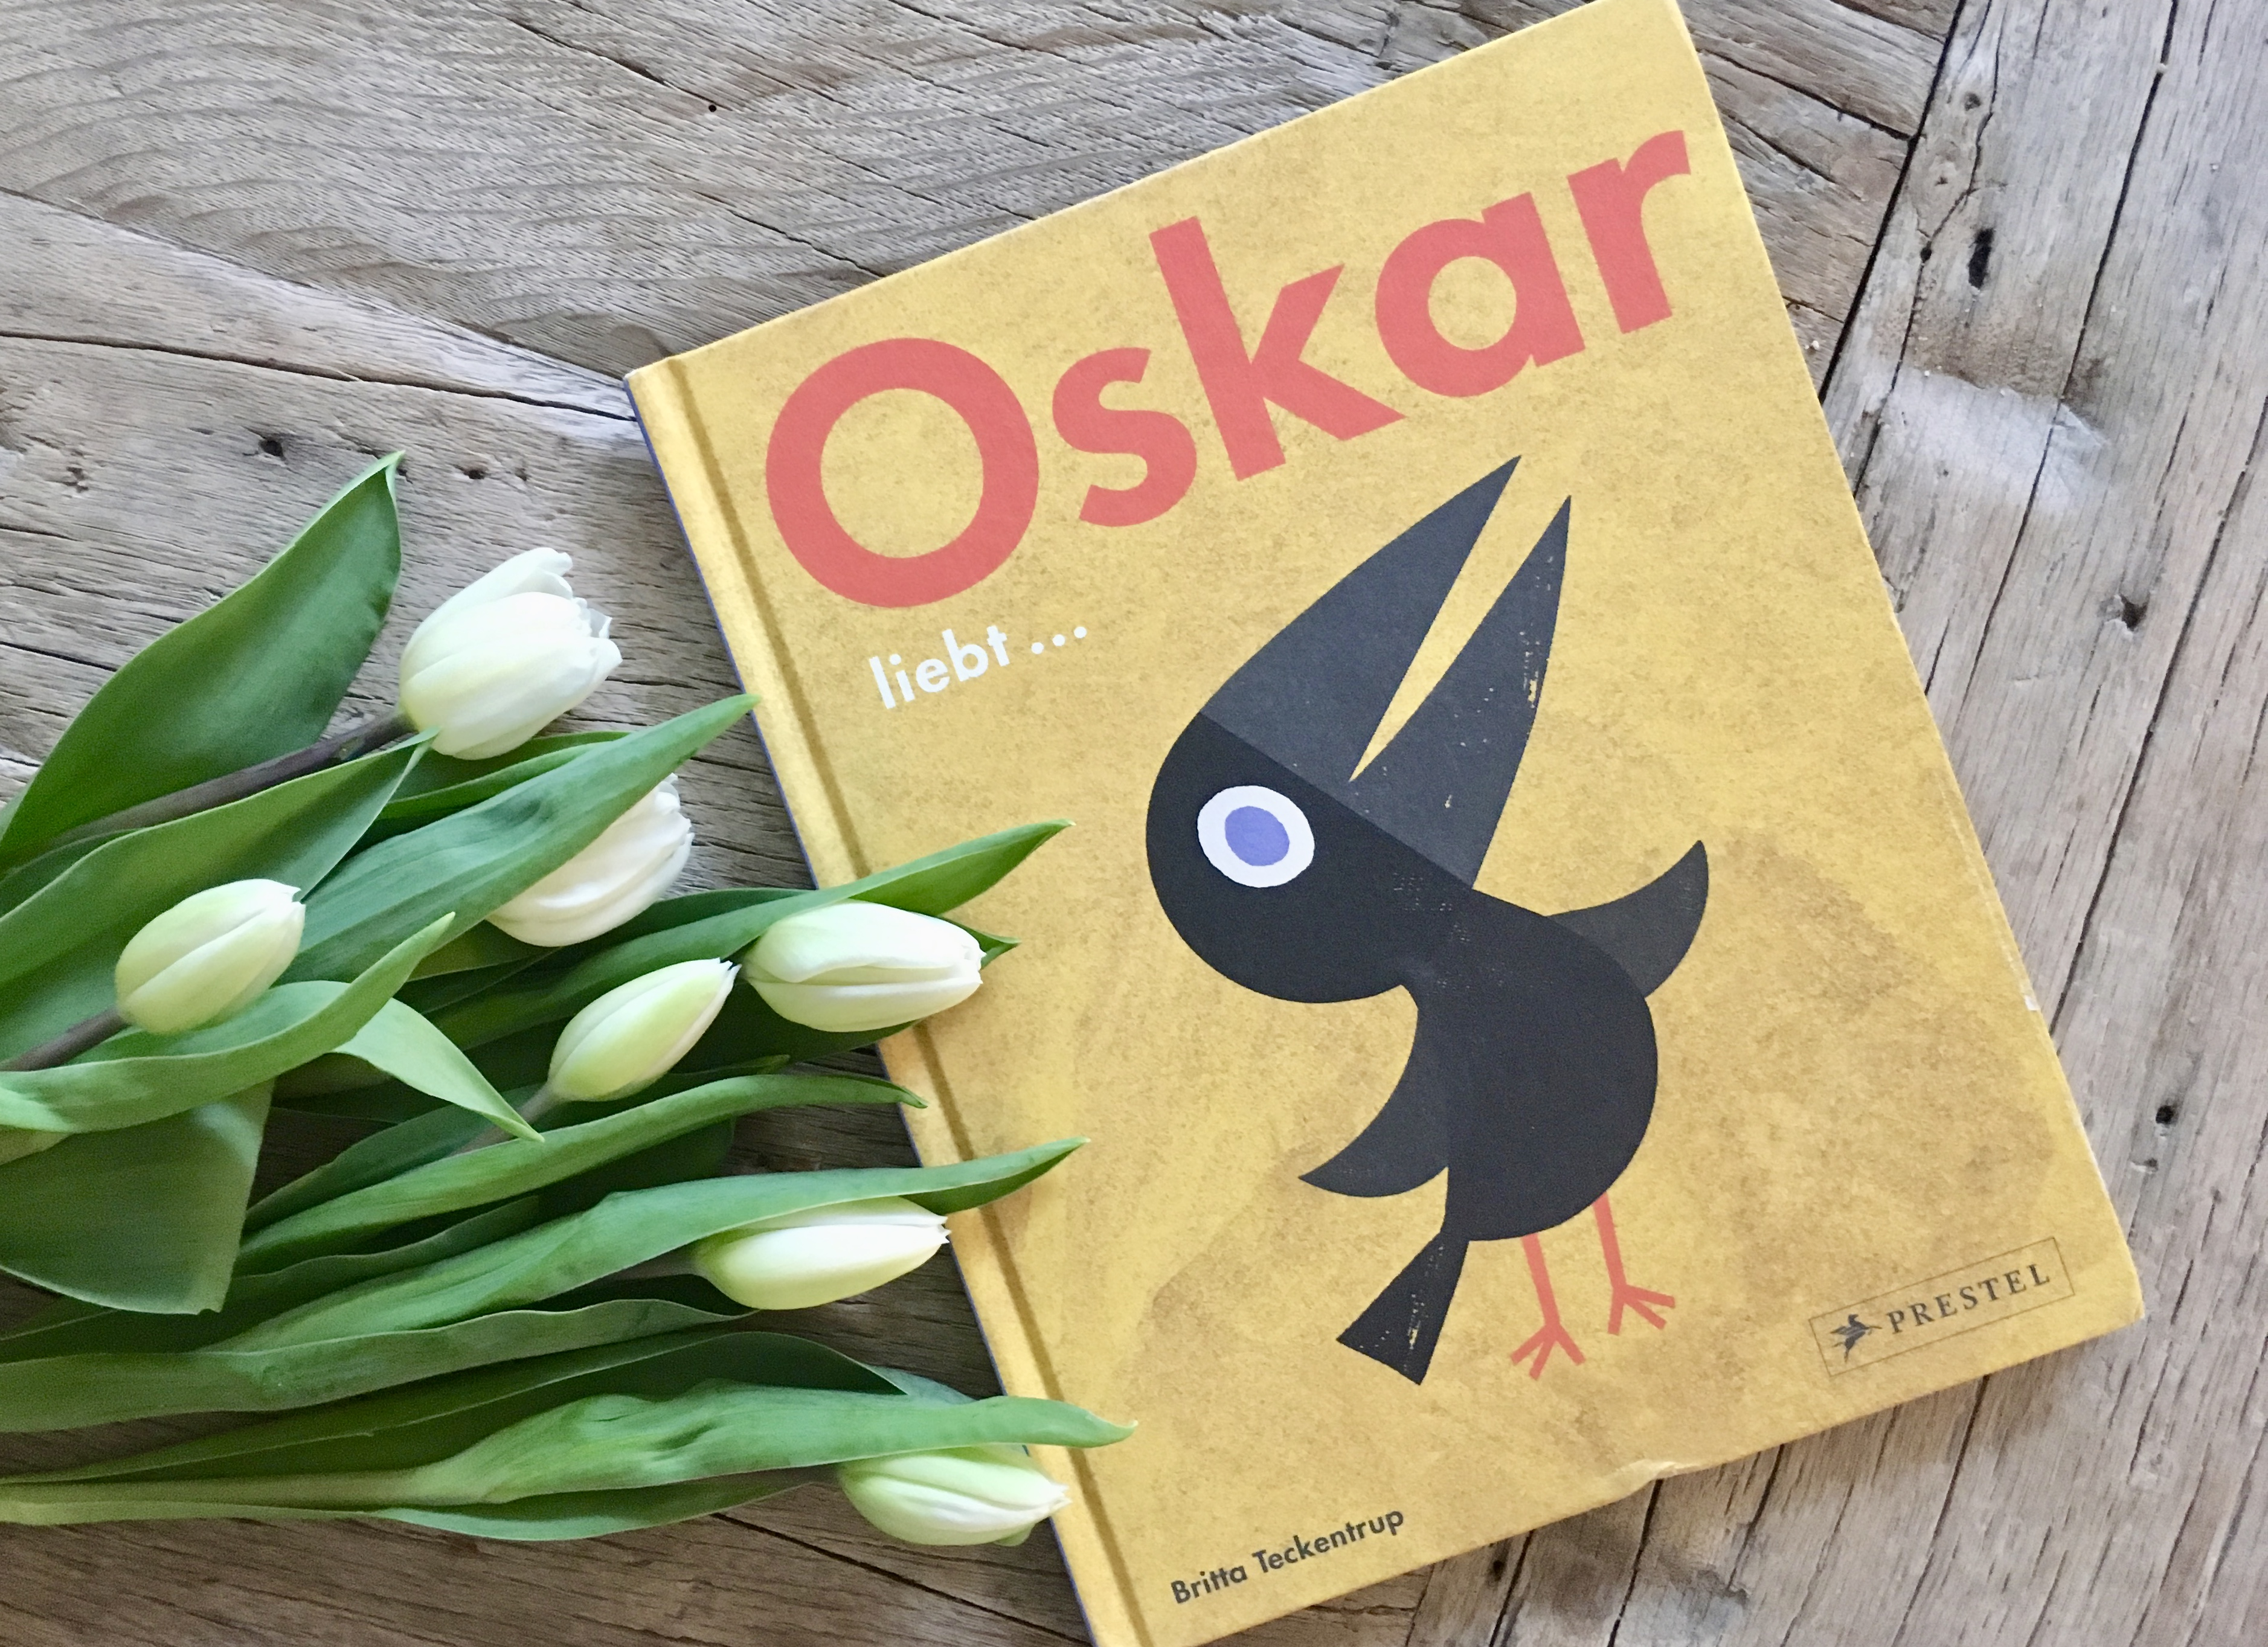 Oskar liebt... von Britta Teckentrup